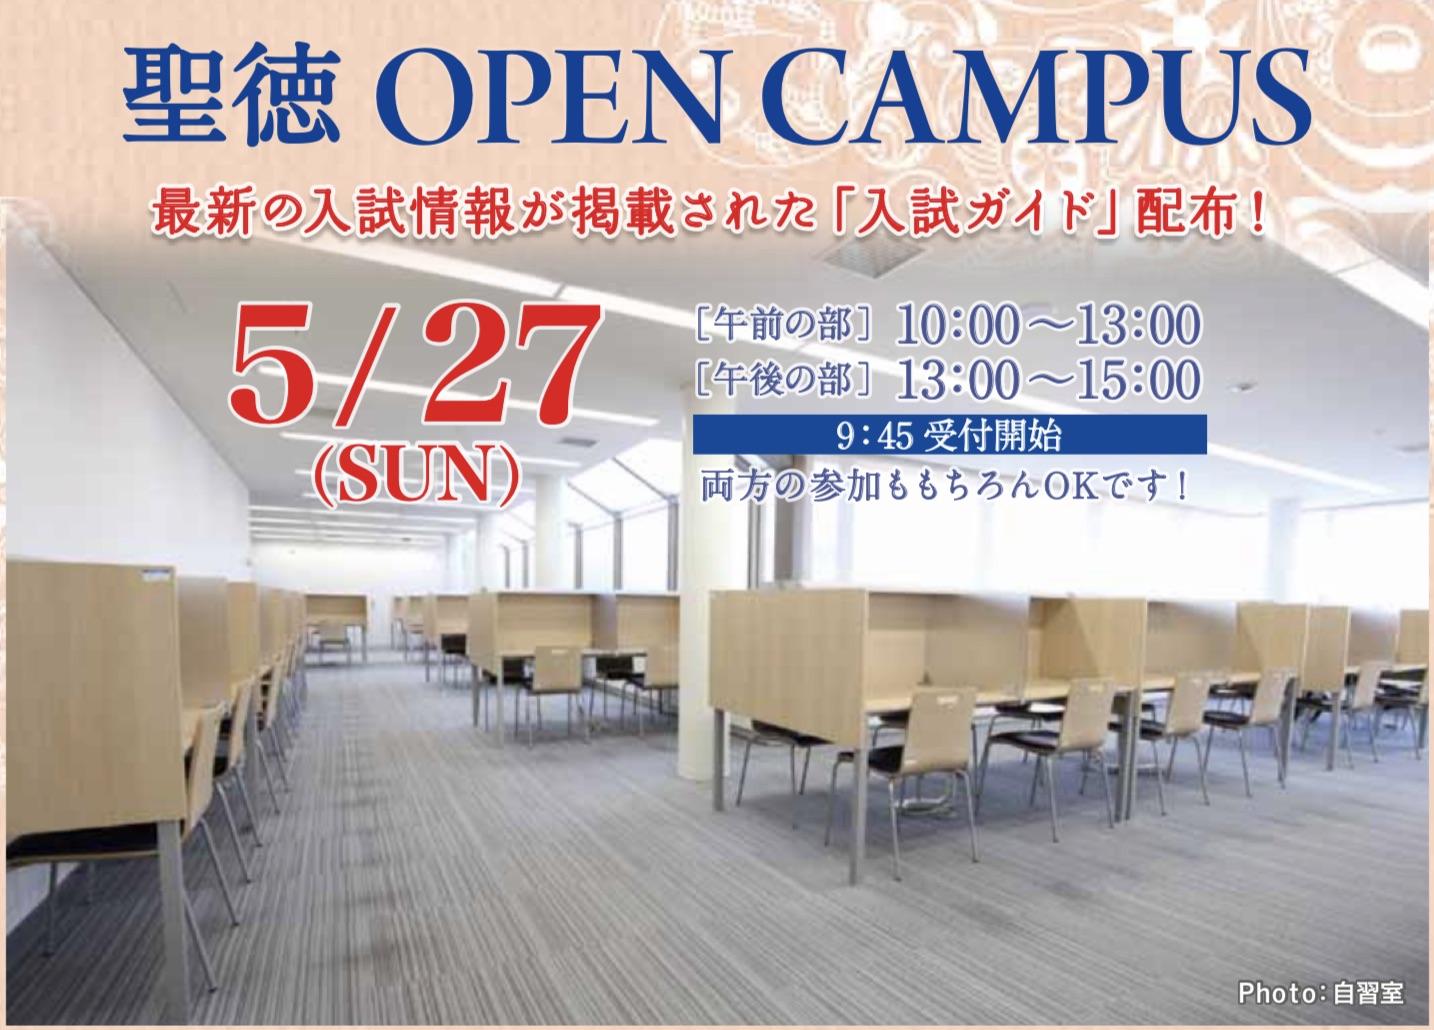 5月27日にオープンキャンパスを開催いたします